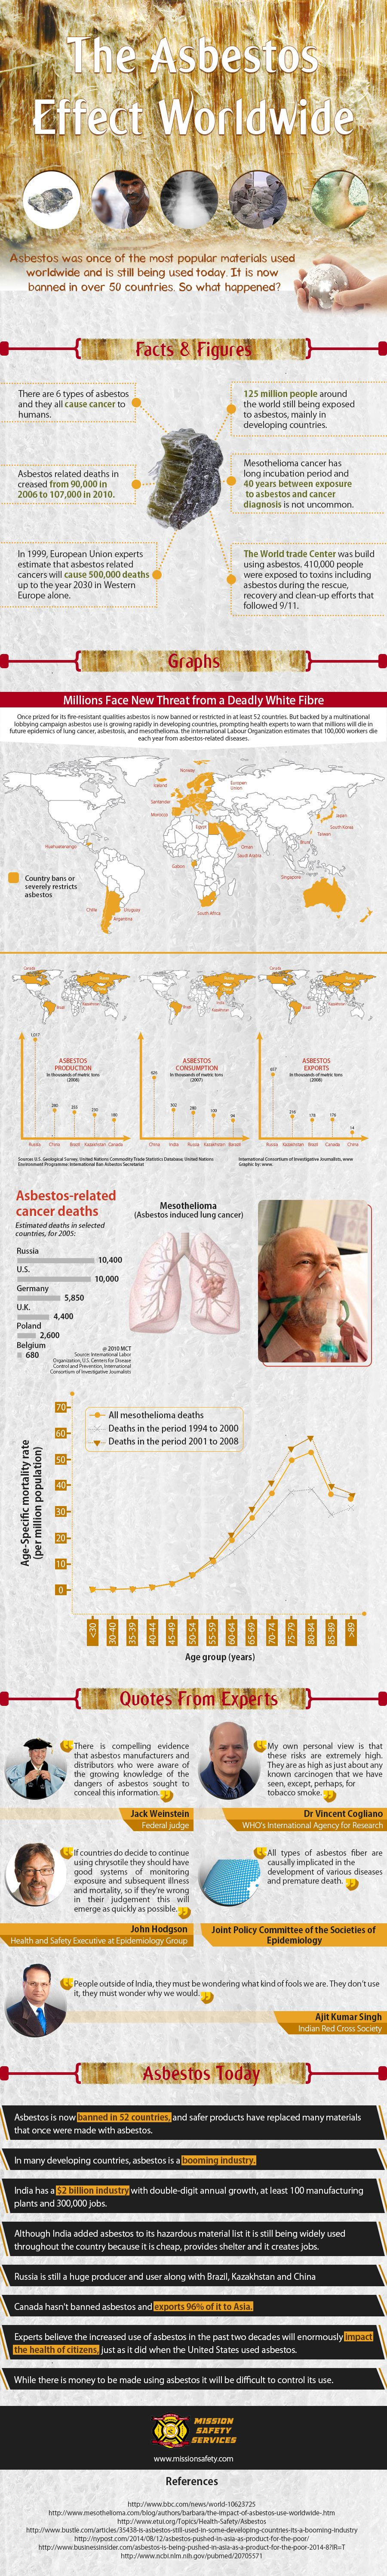 34+ Who asbestos regulations